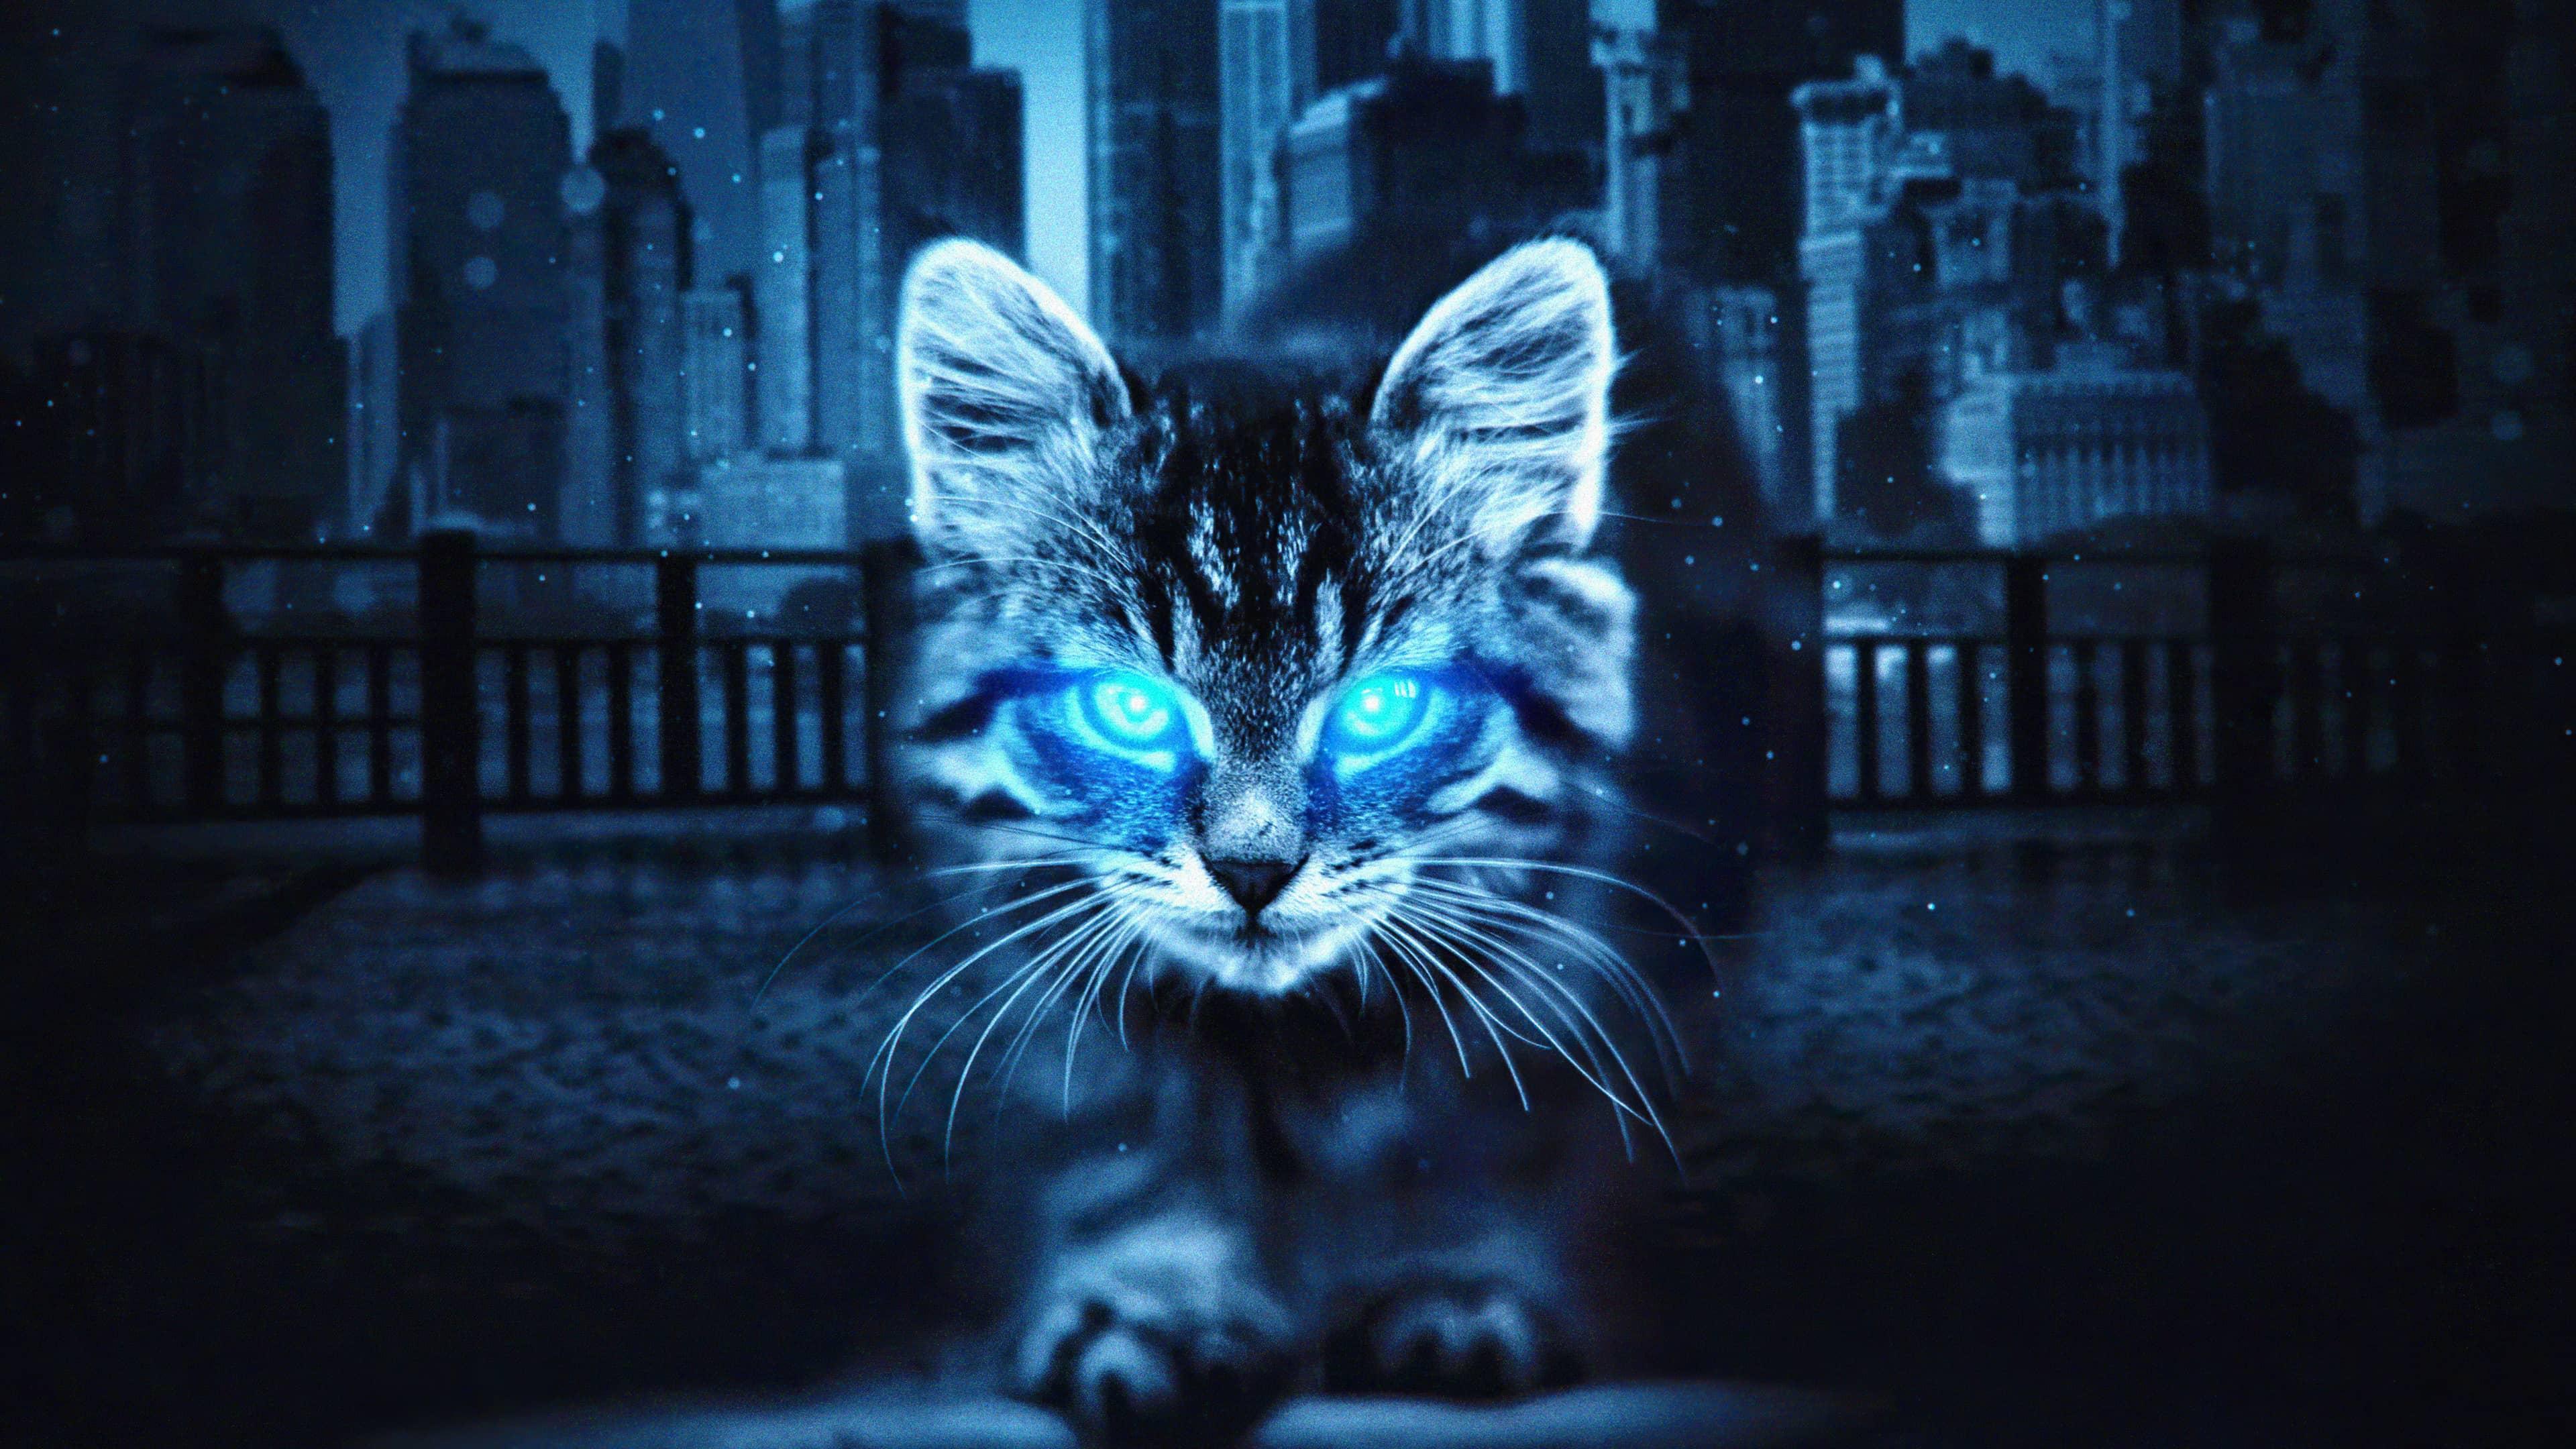 Wallpaper gatito en la oscuridad con ojos brillantes